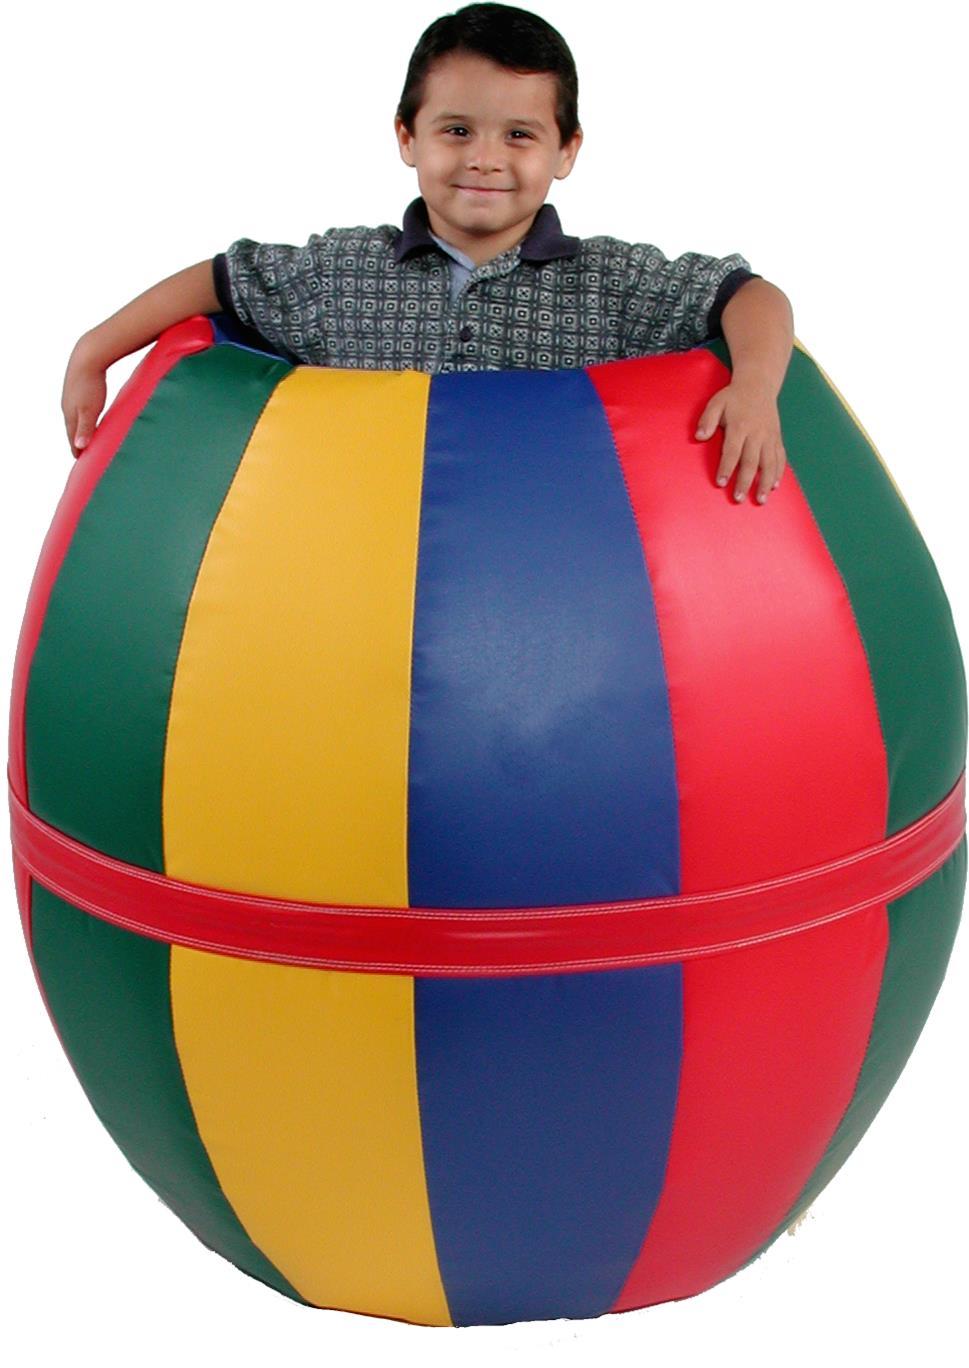 Mollyball